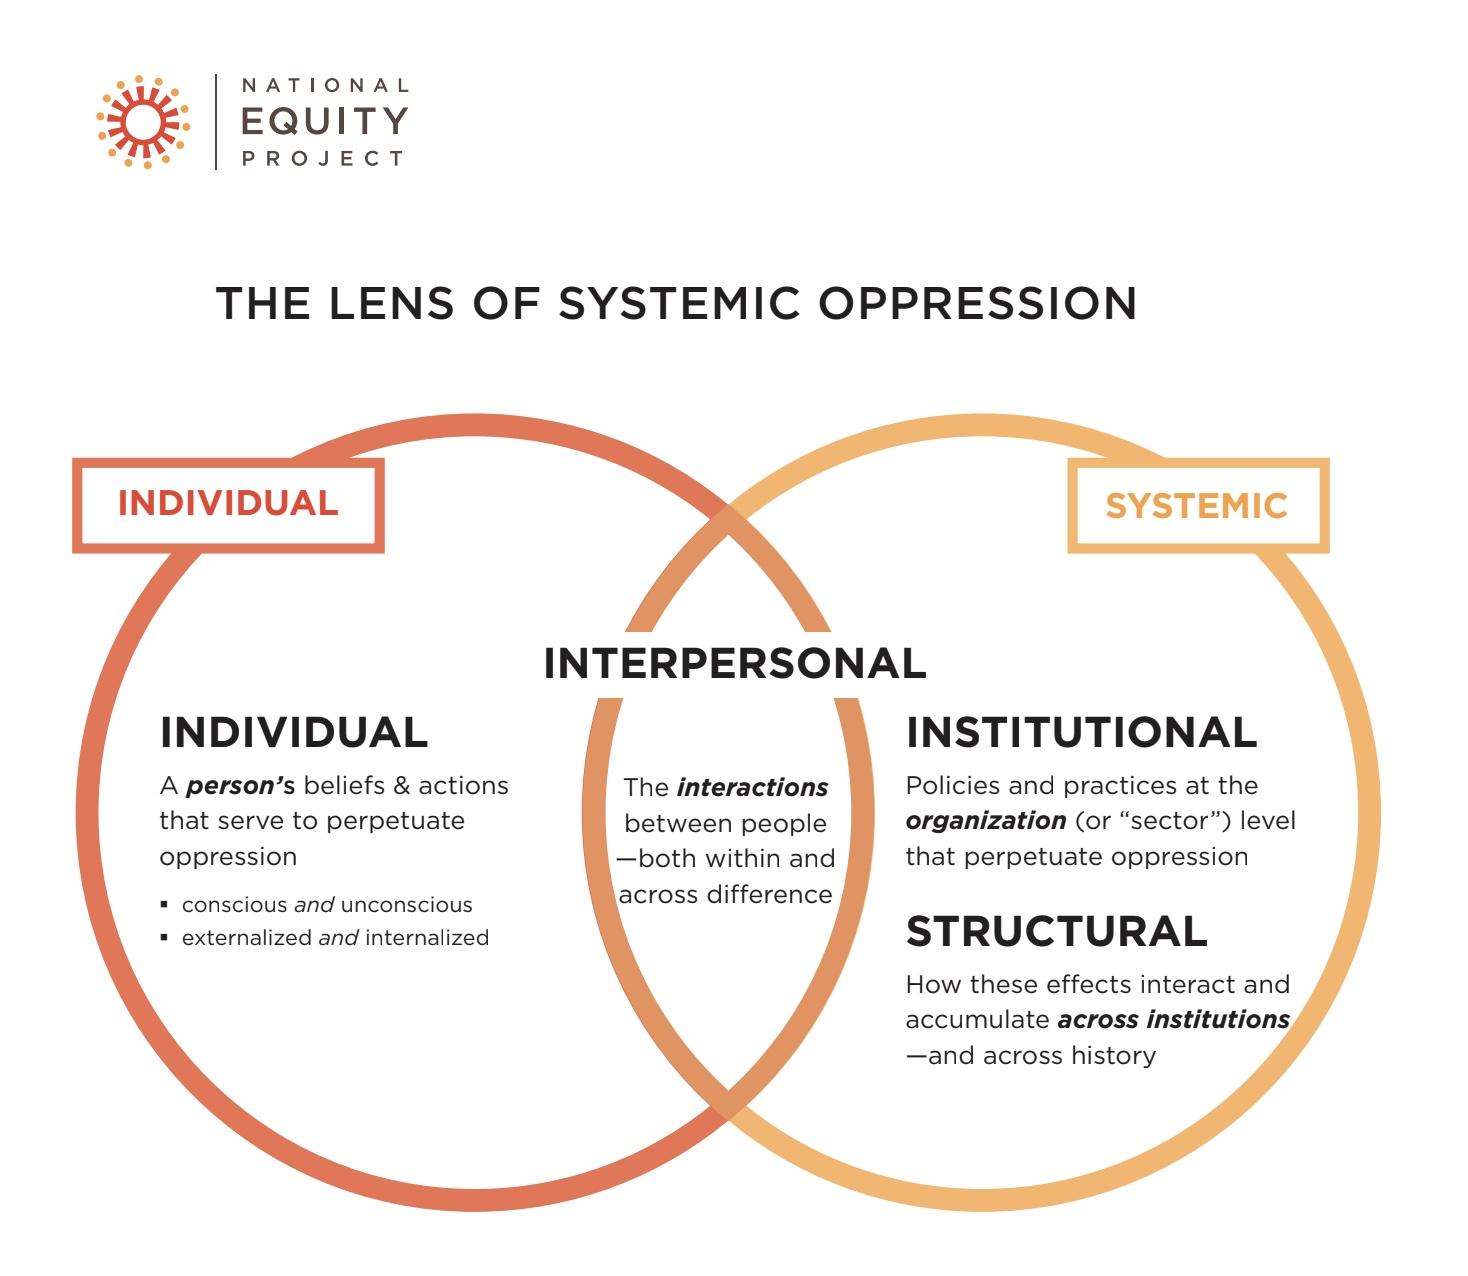 NEP Lens of oppression image.jpeg